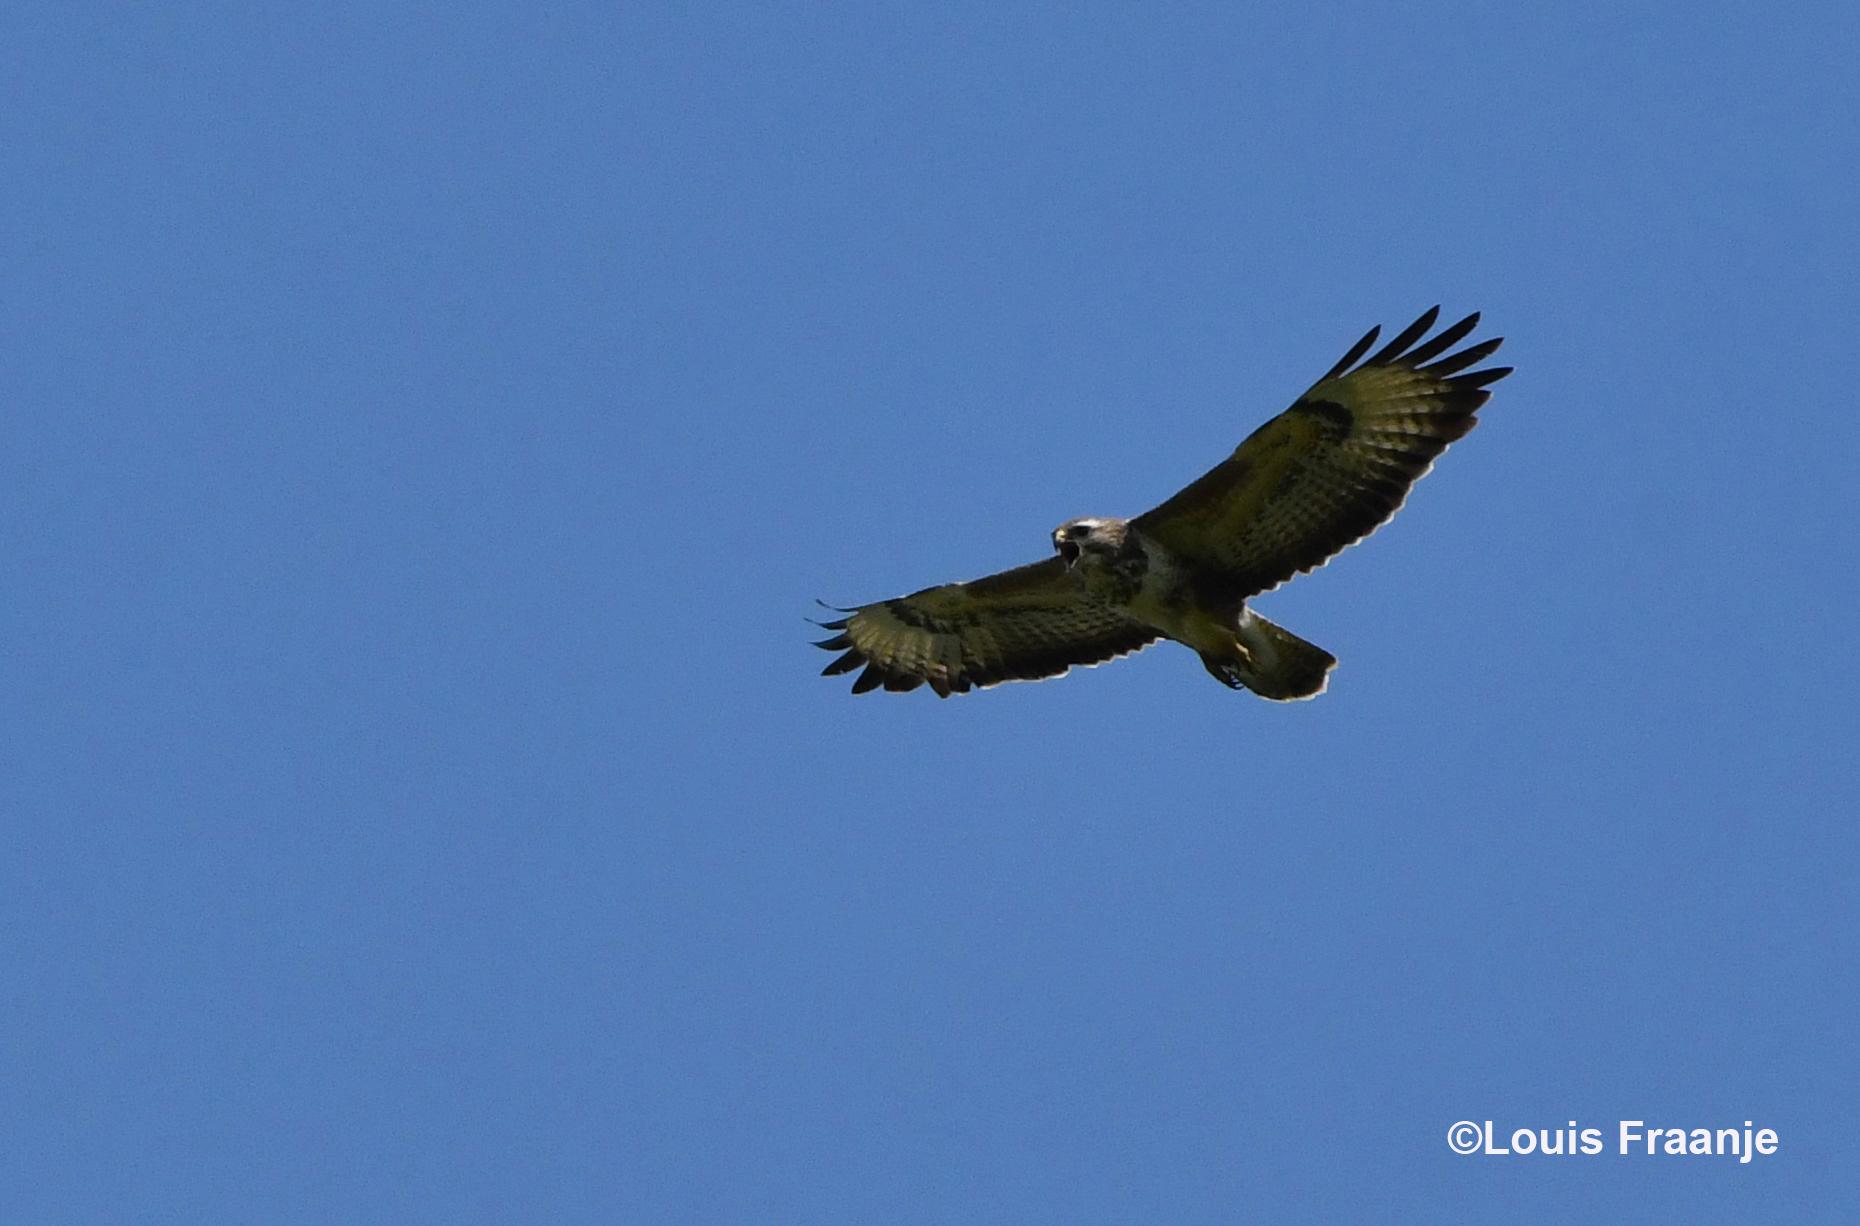 En daar zweefde de schreeuwende buizerd hoog boven mij in de lucht - Foto: ©Louis Fraanje